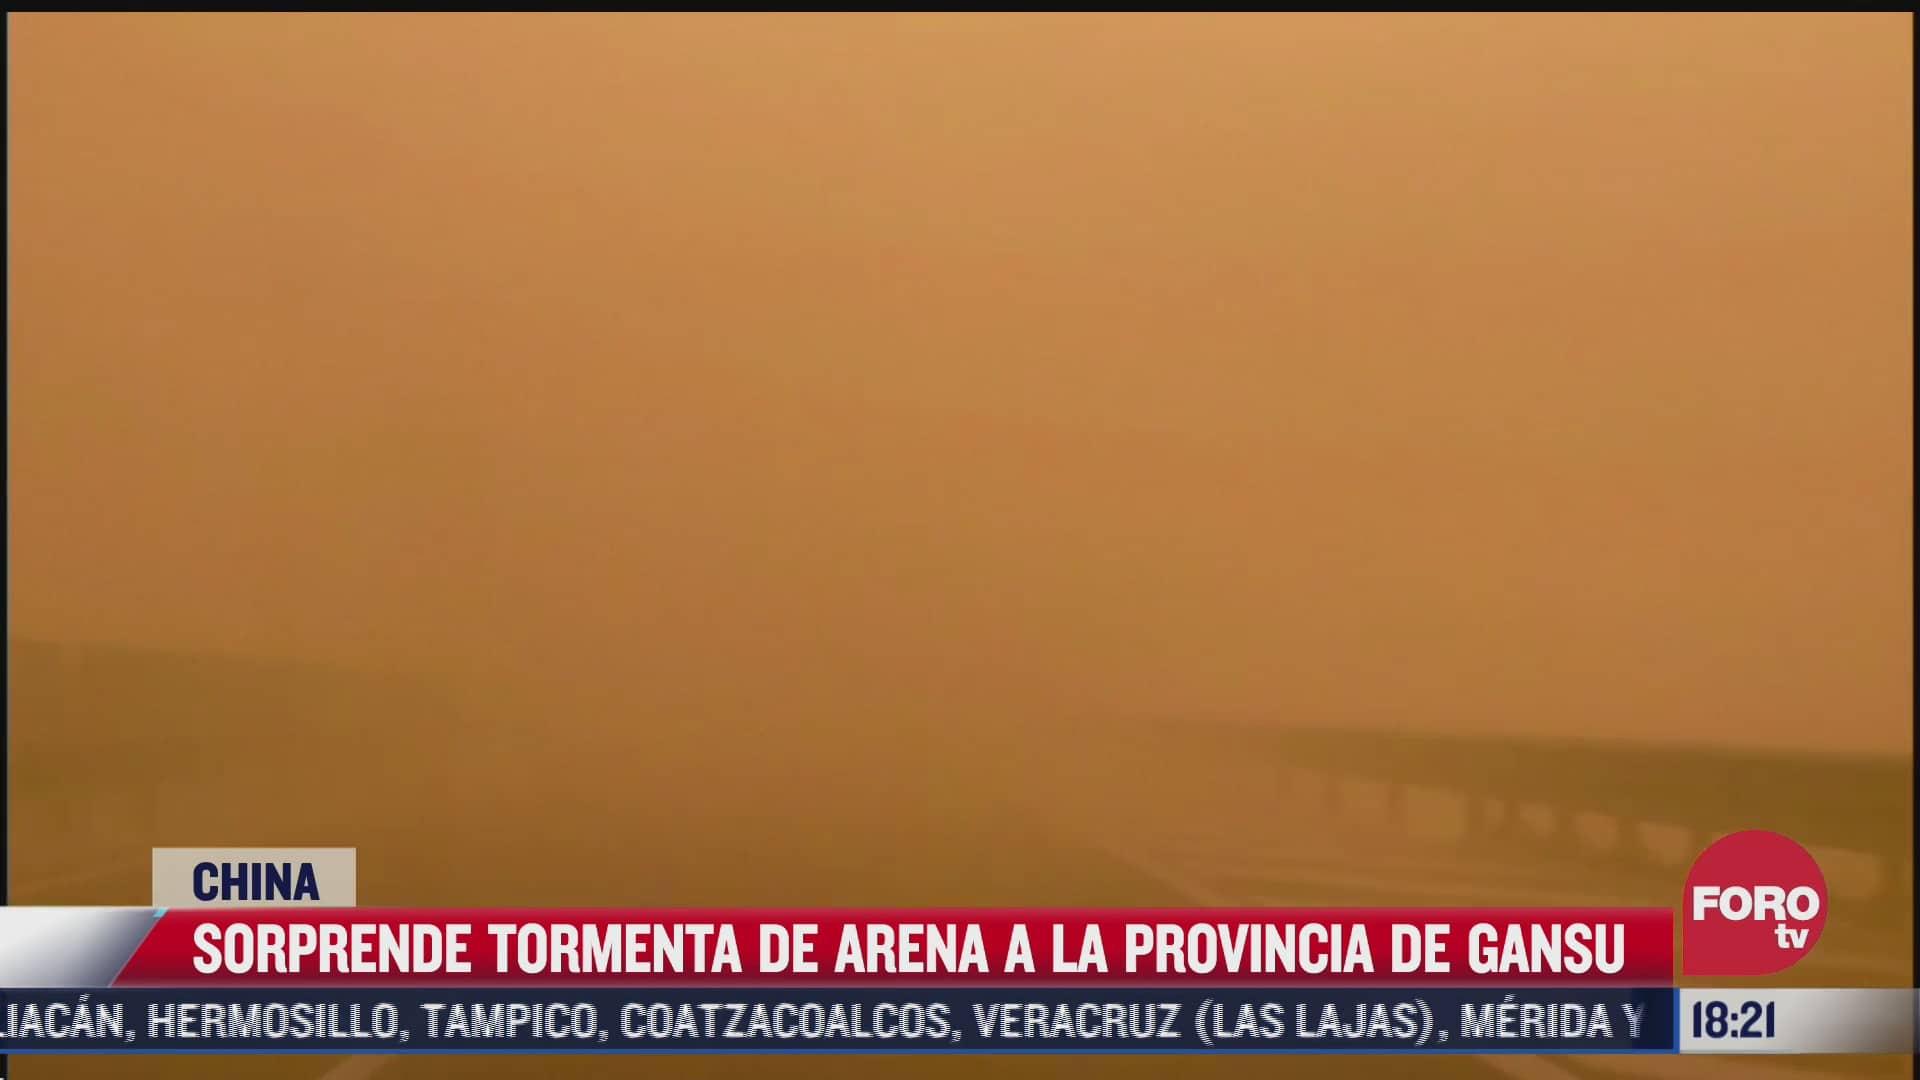 sorprende tormenta de arena a la provincia de china